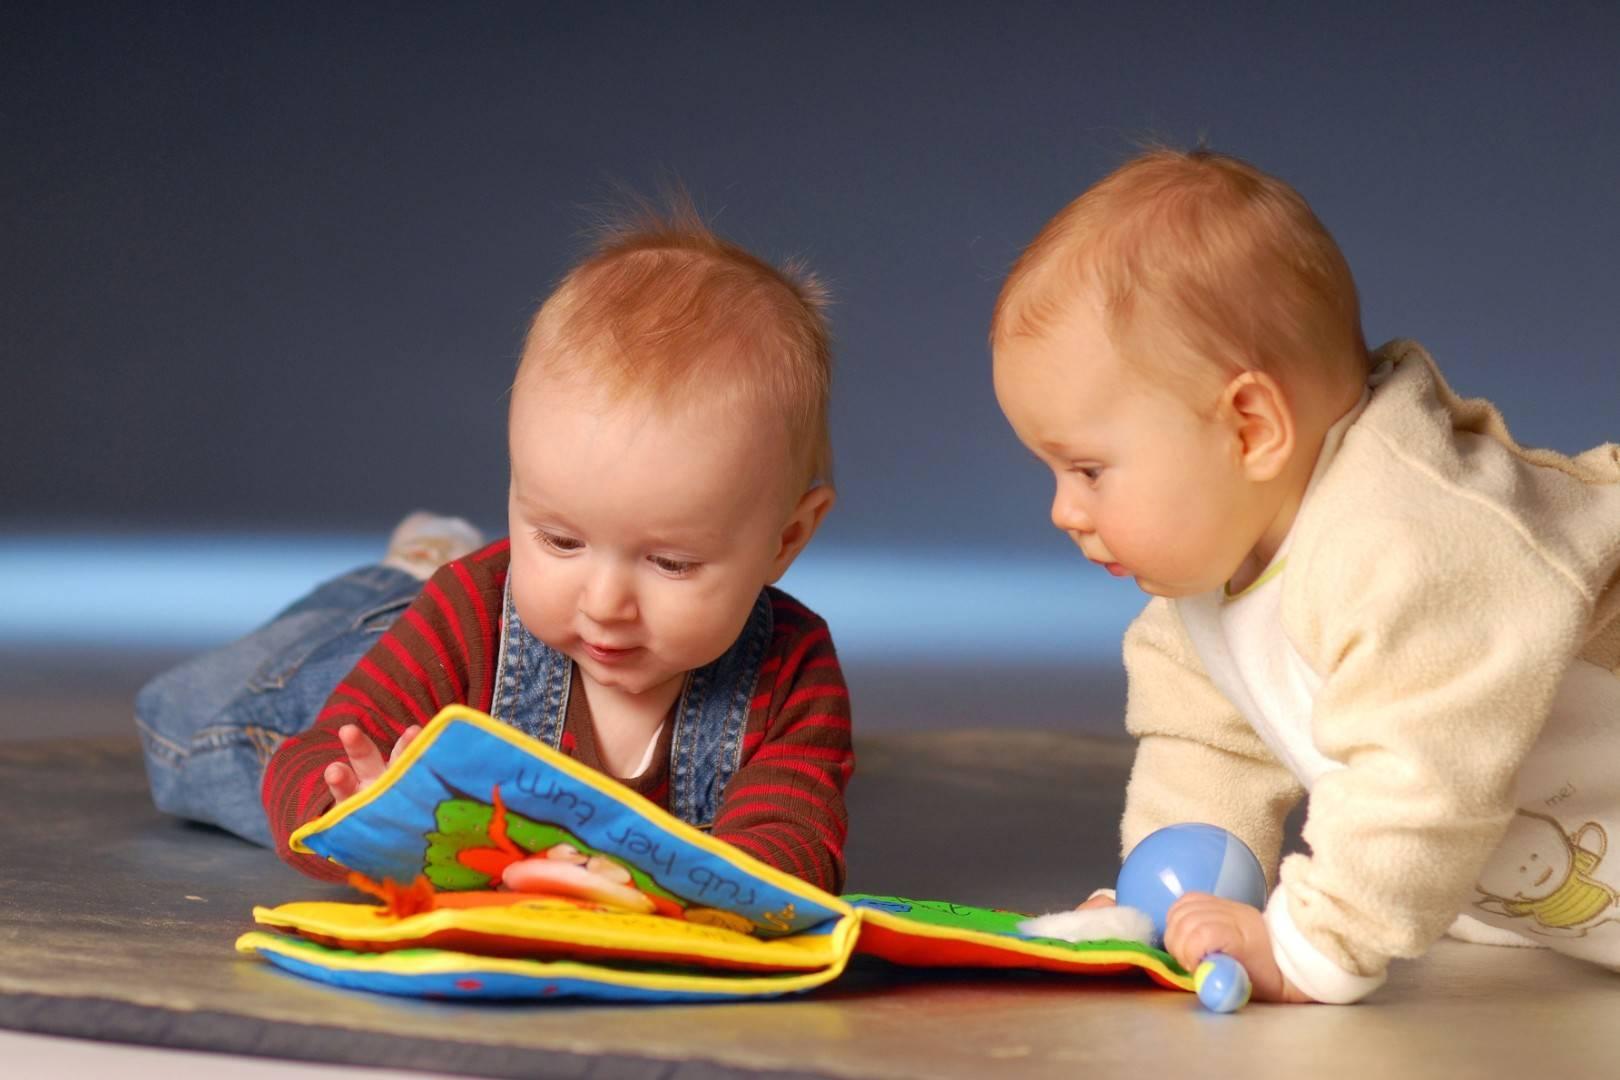 ☀ психология воспитания ☀ ребенка от 1 года - что делать родителям ☀